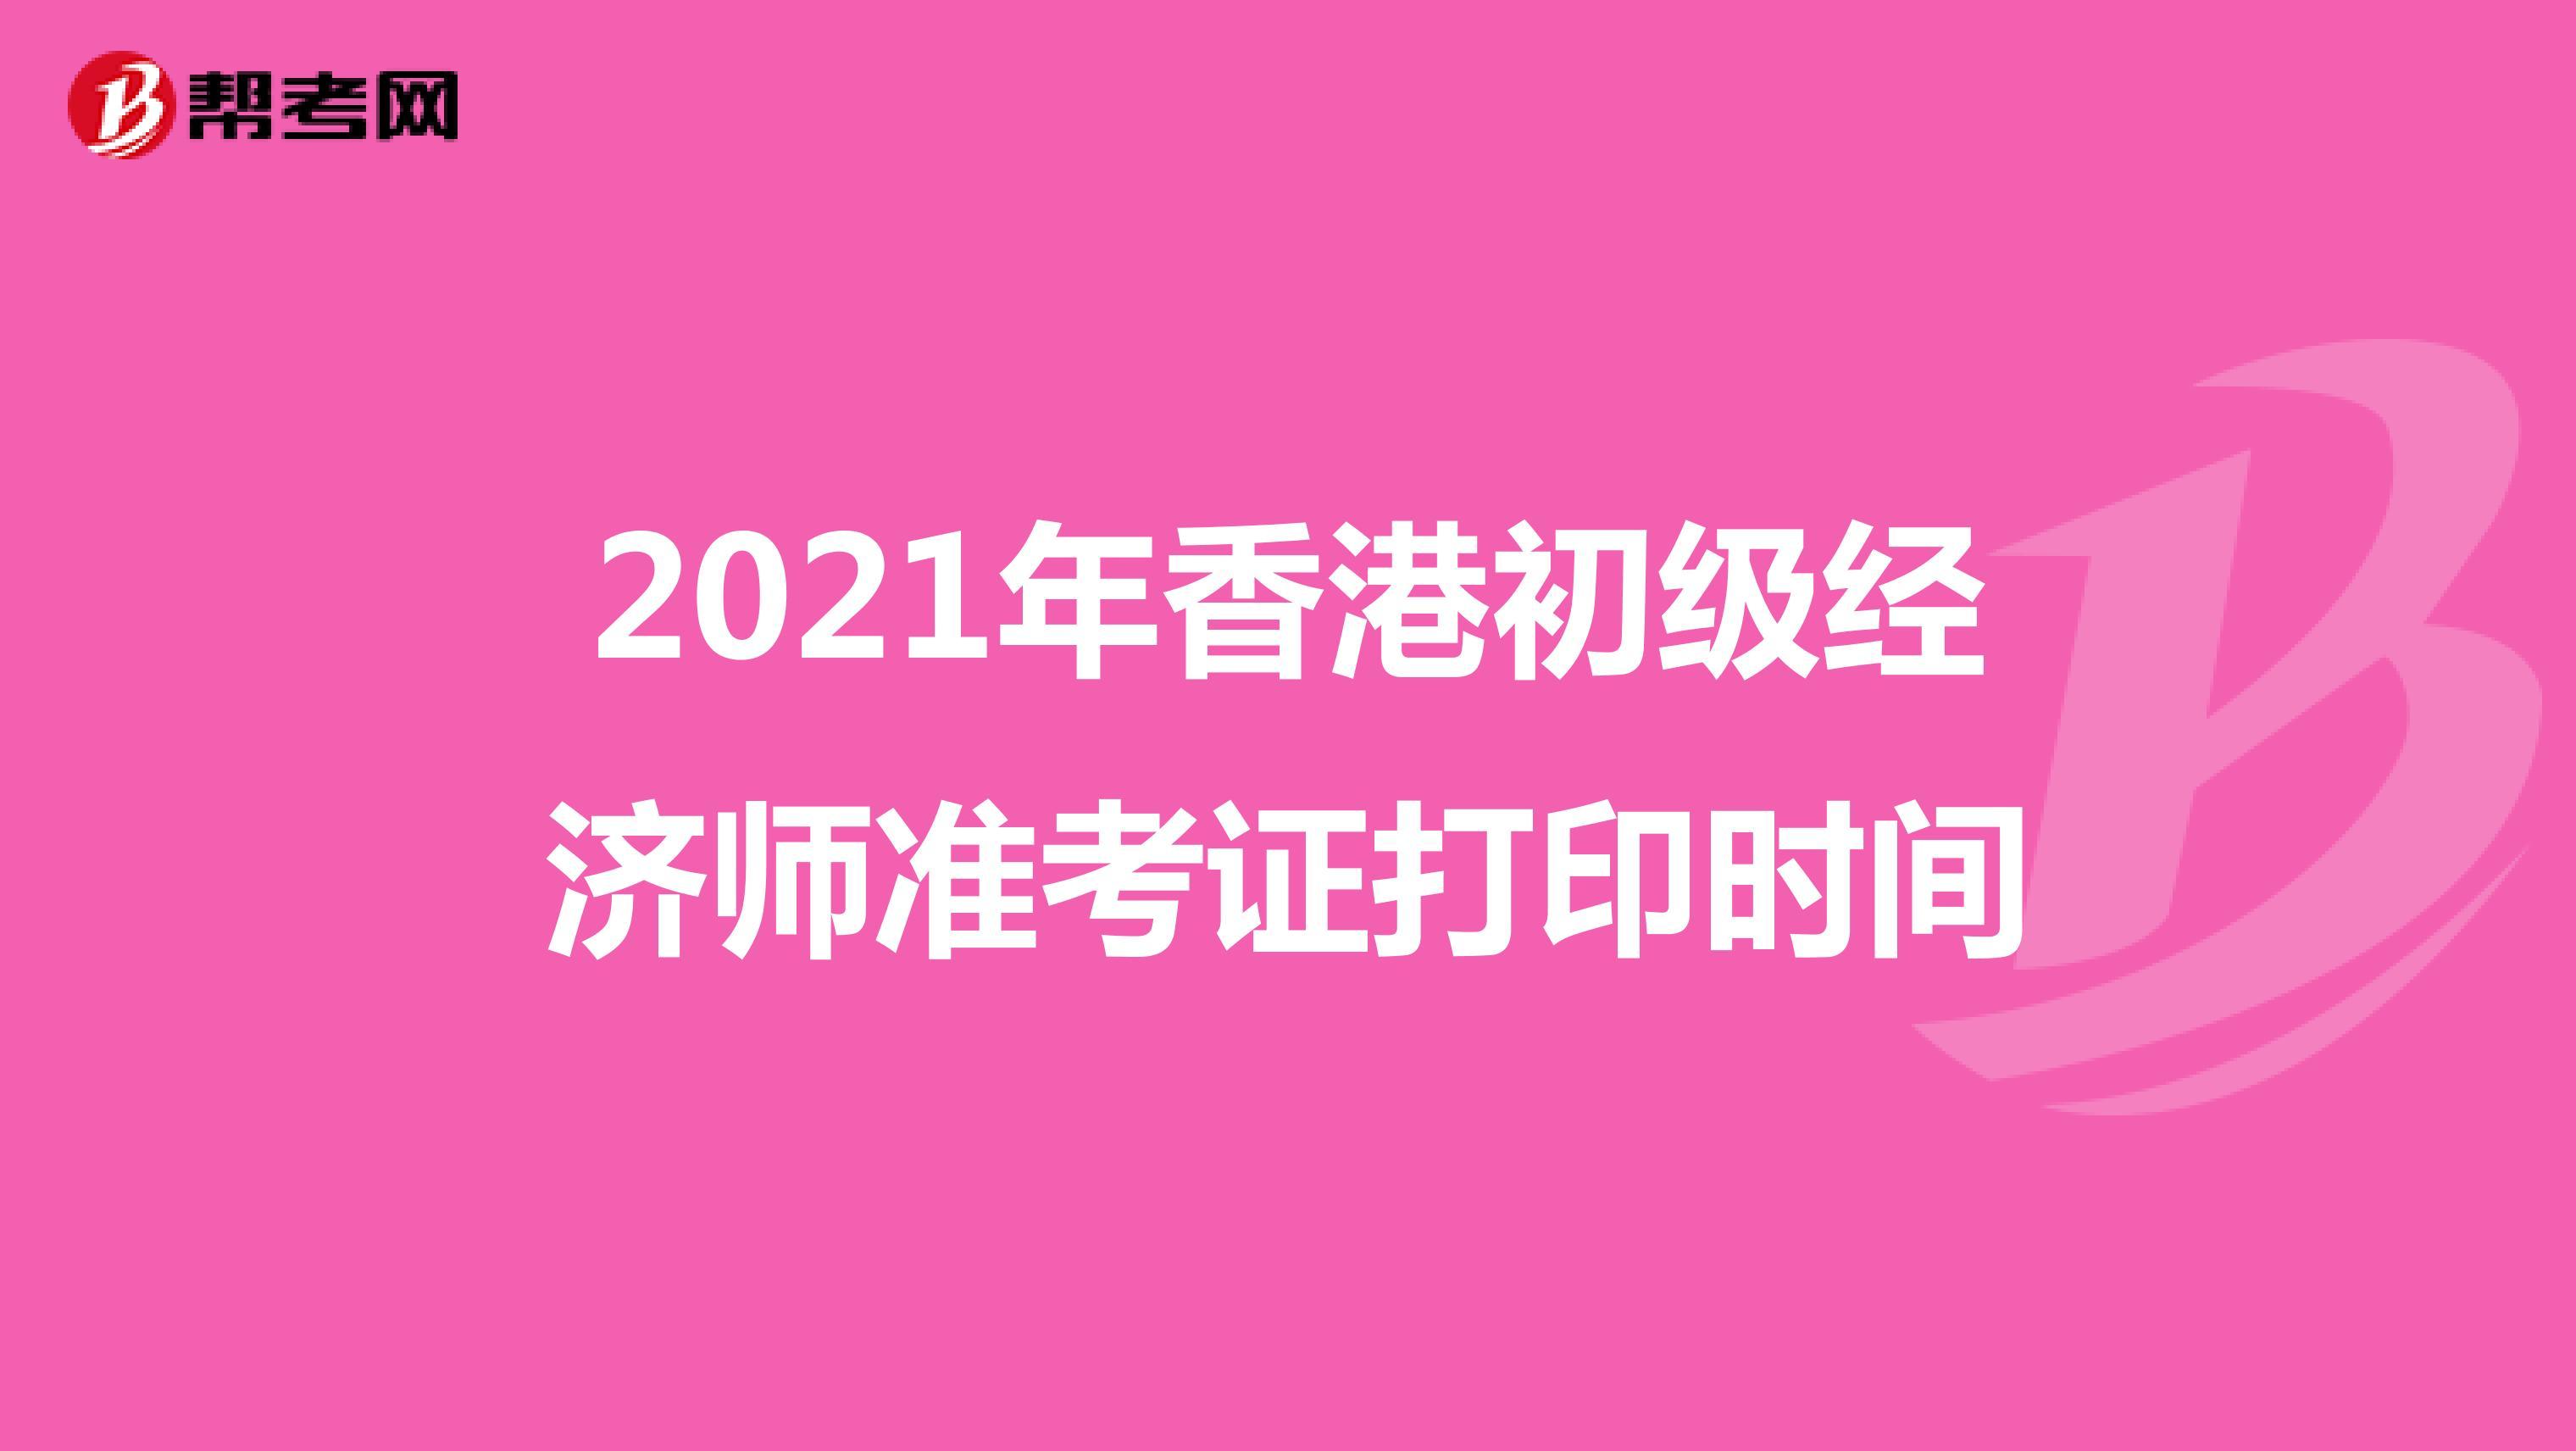 2021年香港初级经济师准考证打印时间